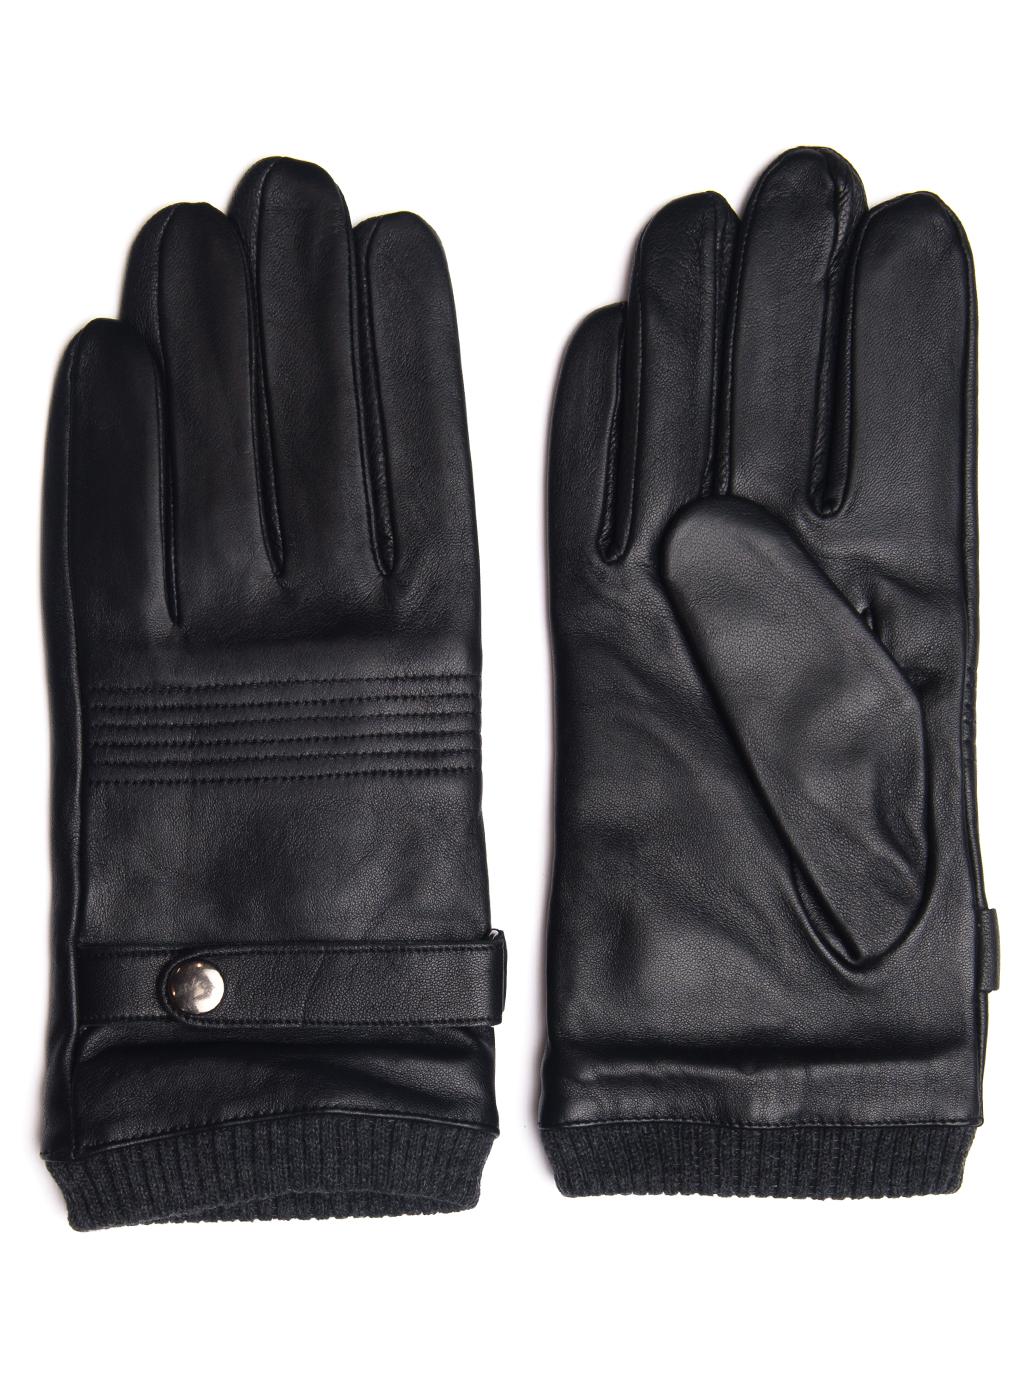 Перчатки кожаные мужские 04, Hannelore фото